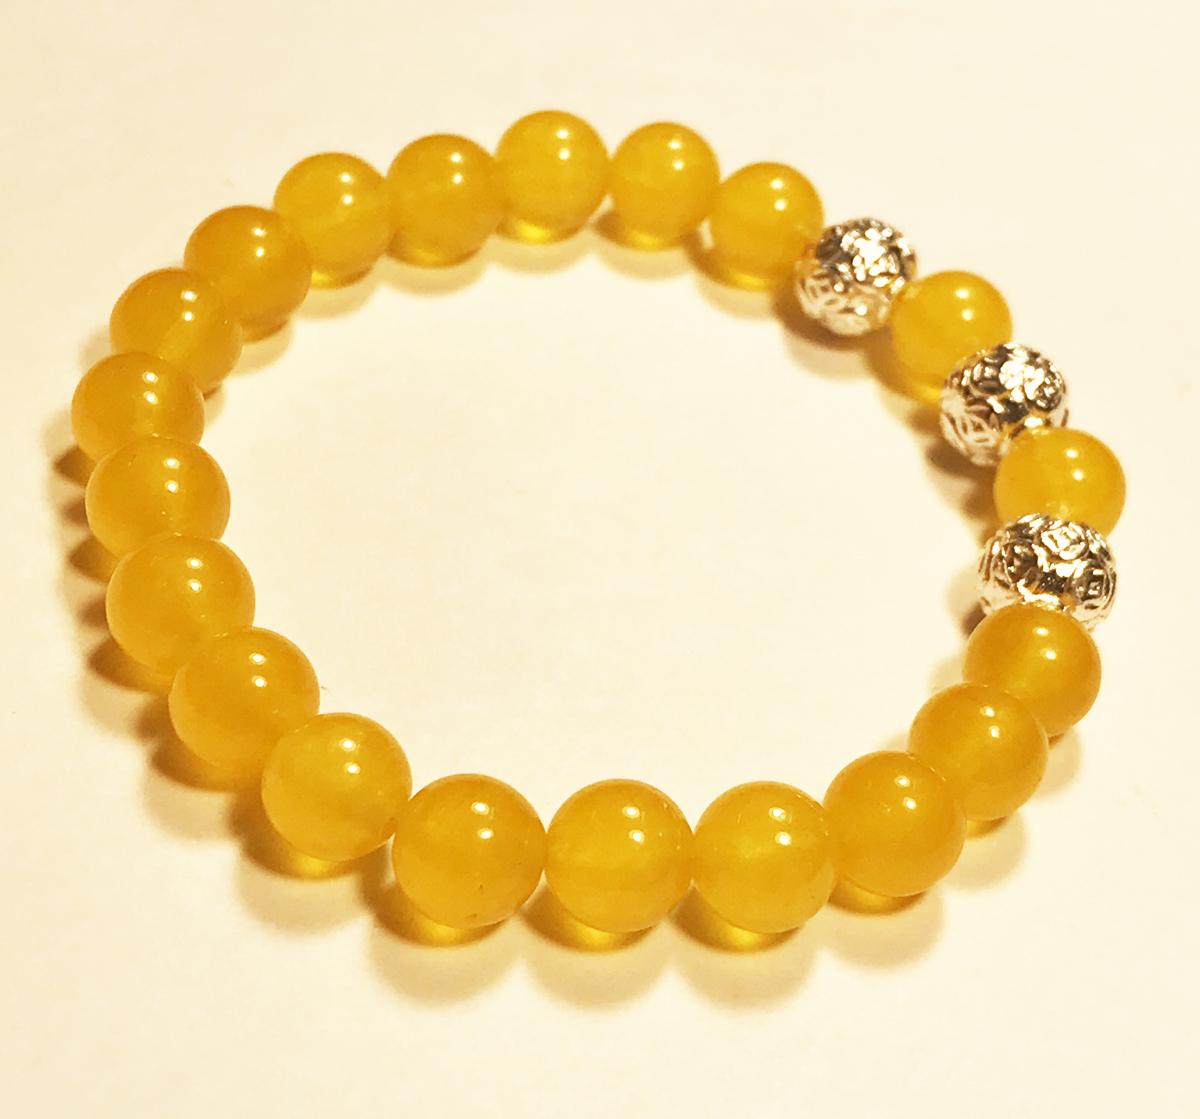 Vòng tay phong thủy nữ đá thạch anh Vàng mix 3 Kim tiền Bạc thời trang handmade đẹp hợp mệnh Thổ mệnh Kim